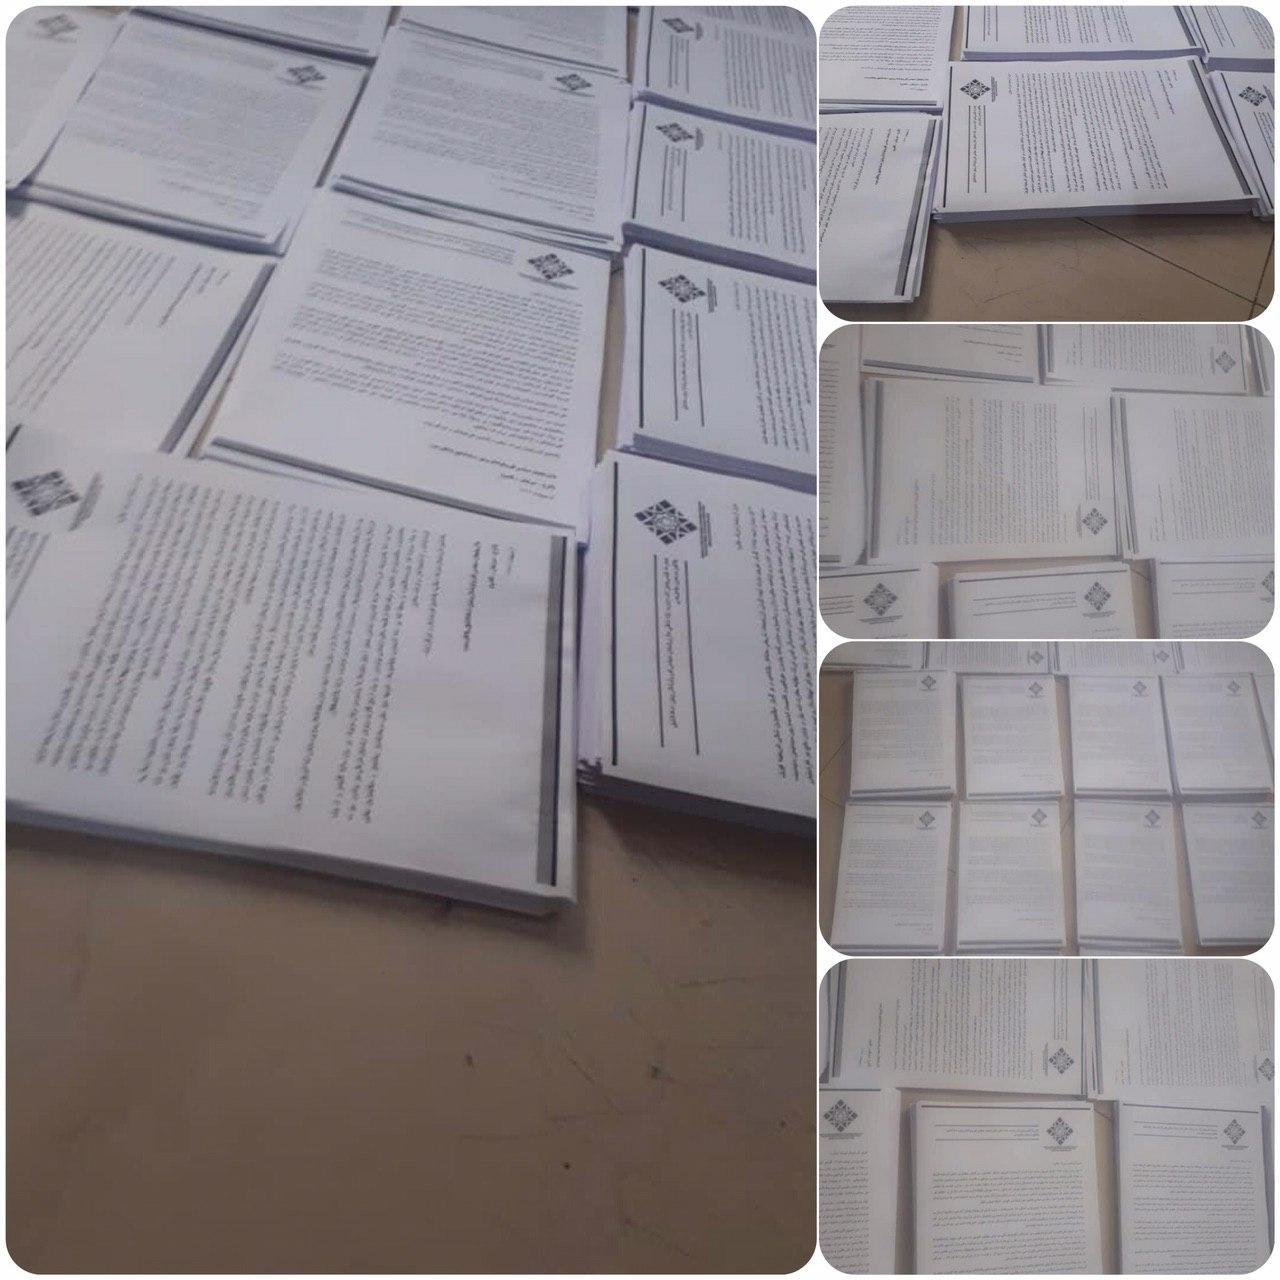 هزاران نسخه از بیانیه پلتفرم همکاری سازمانهای سیاسی آزربایجان چاپ شد